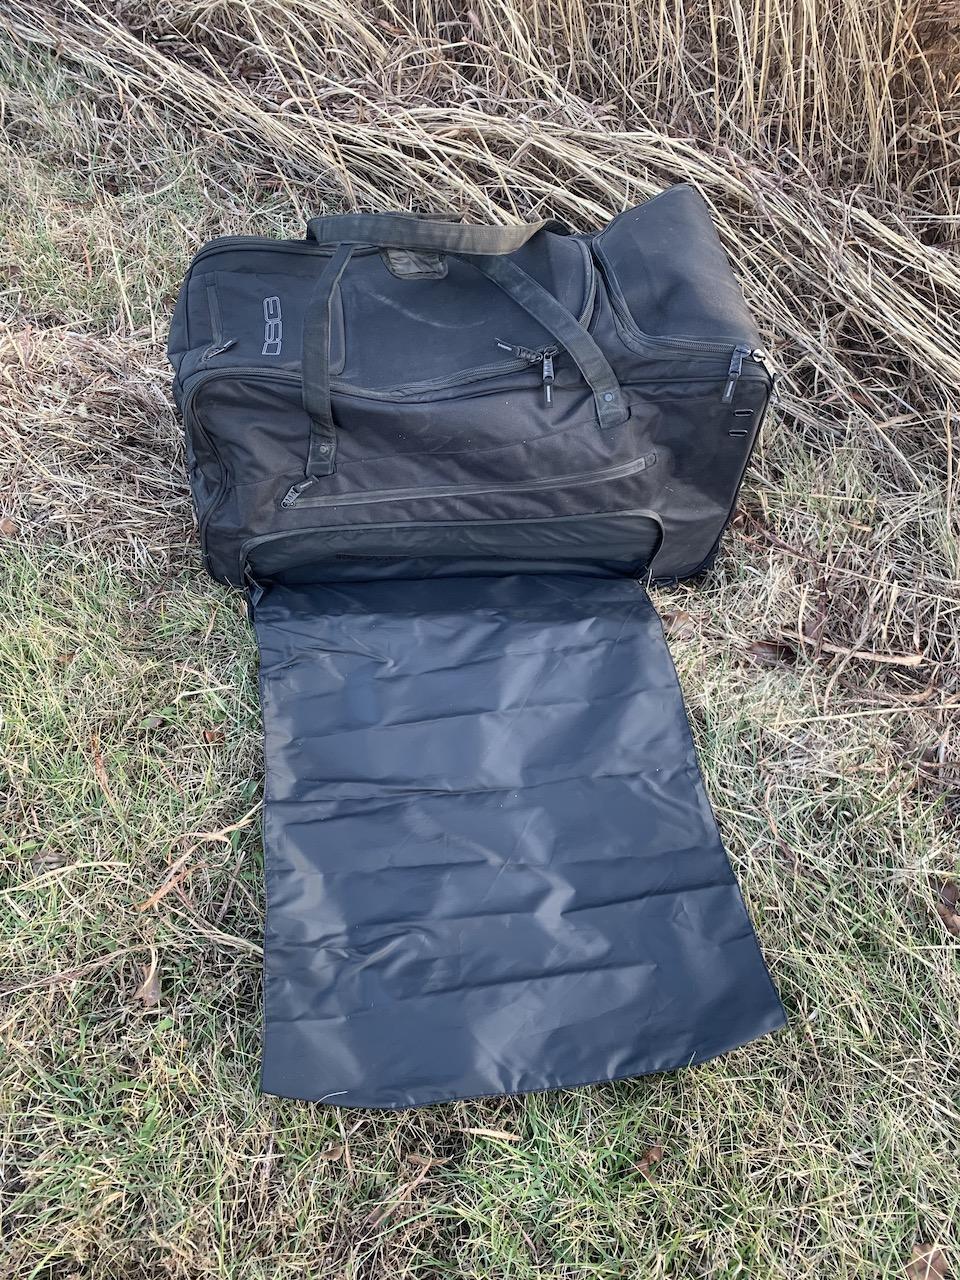 DSG Roller Bag Gear Mat